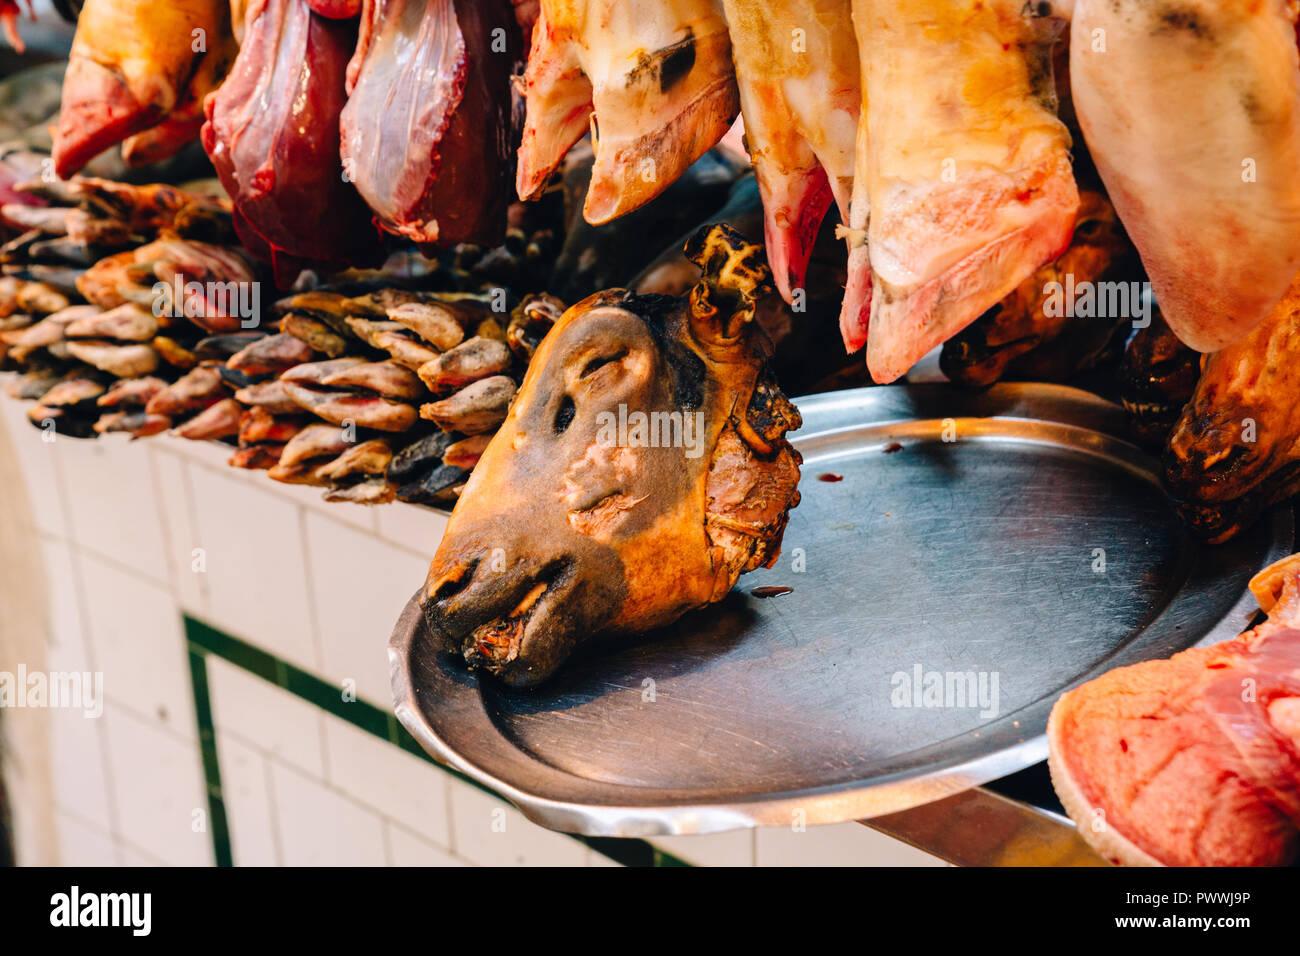 Der Ziege Kopf auf Platter, Fleisch und Fisch Markt, Tanger, Marokko, 2018 Stockbild